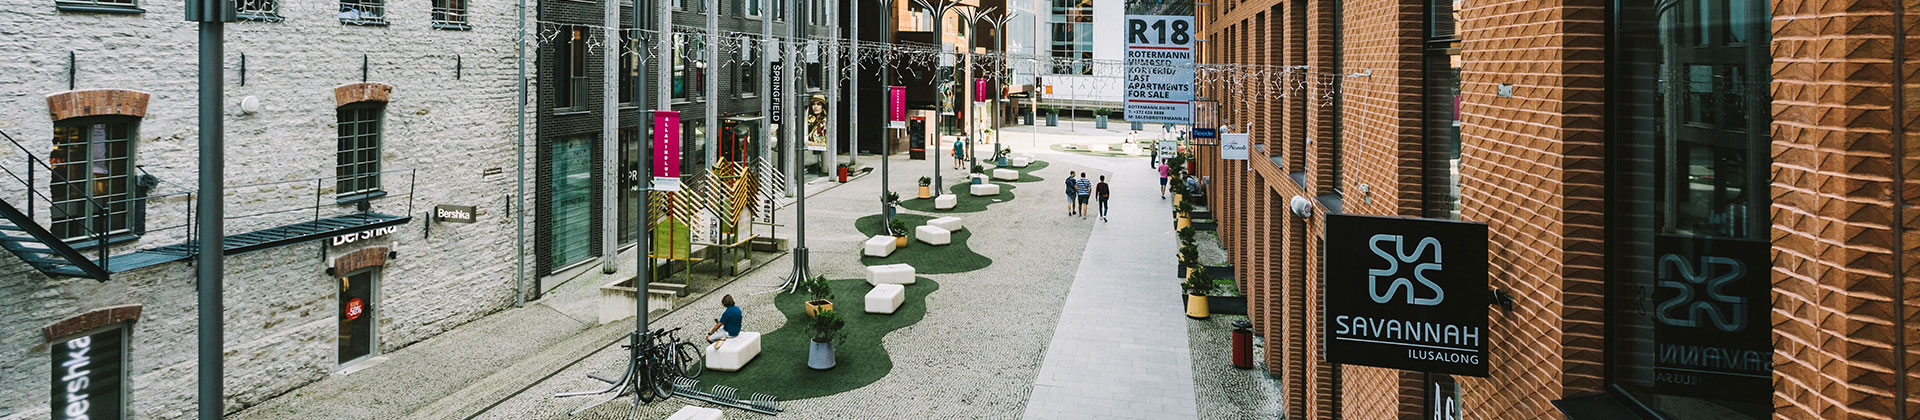 Rotermann Quarter